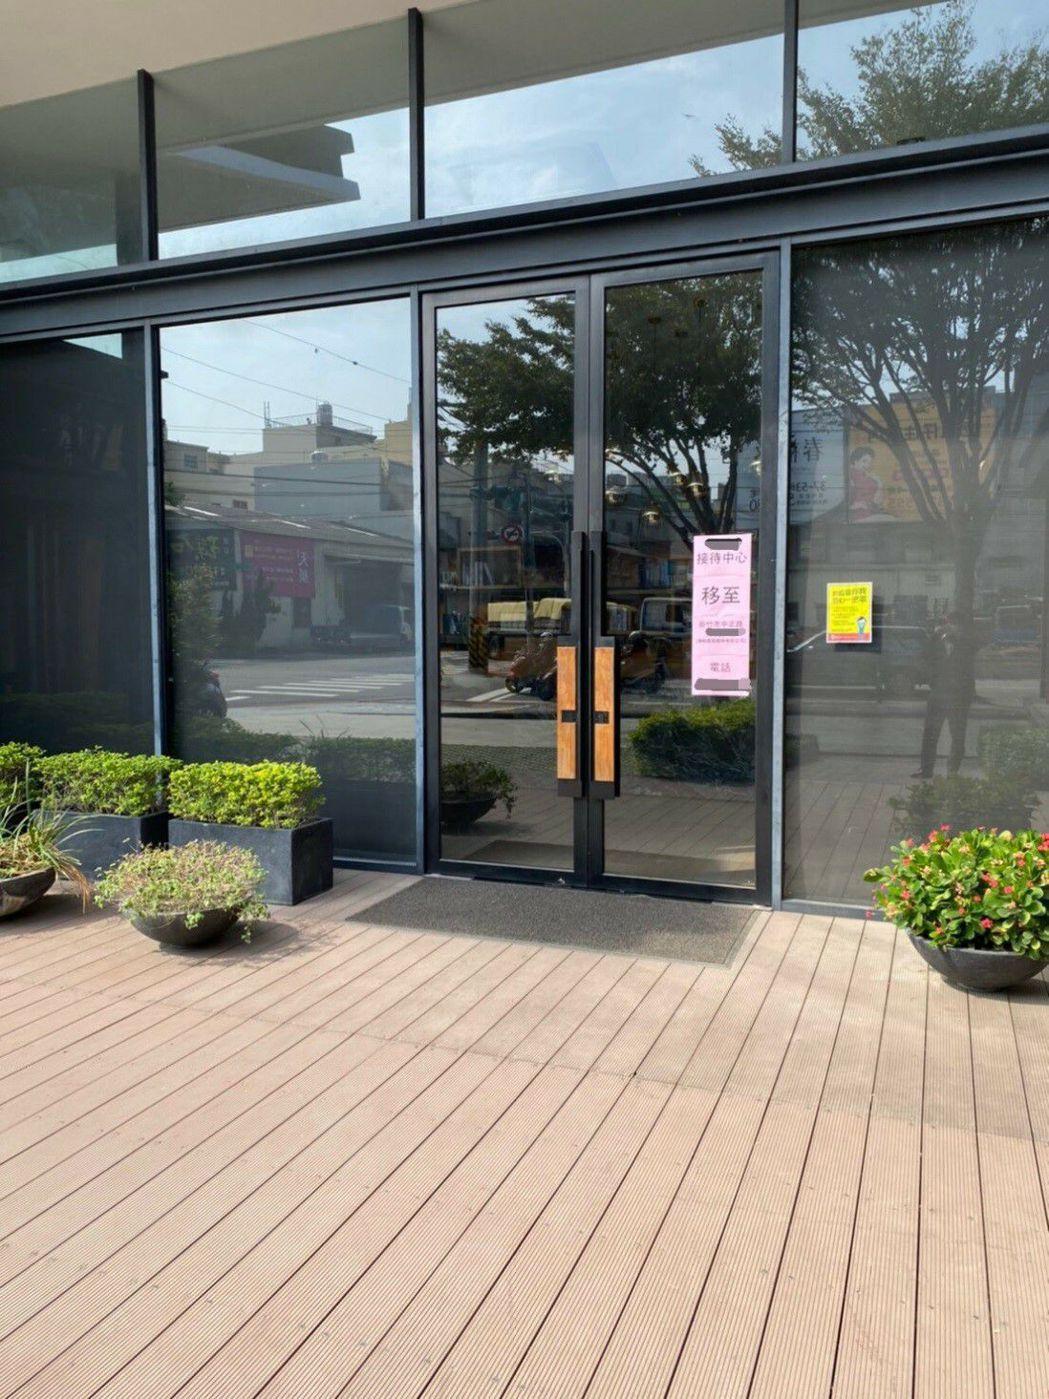 某建案銷售中心因未取得建築許可遭停止使用。圖/內政部提供